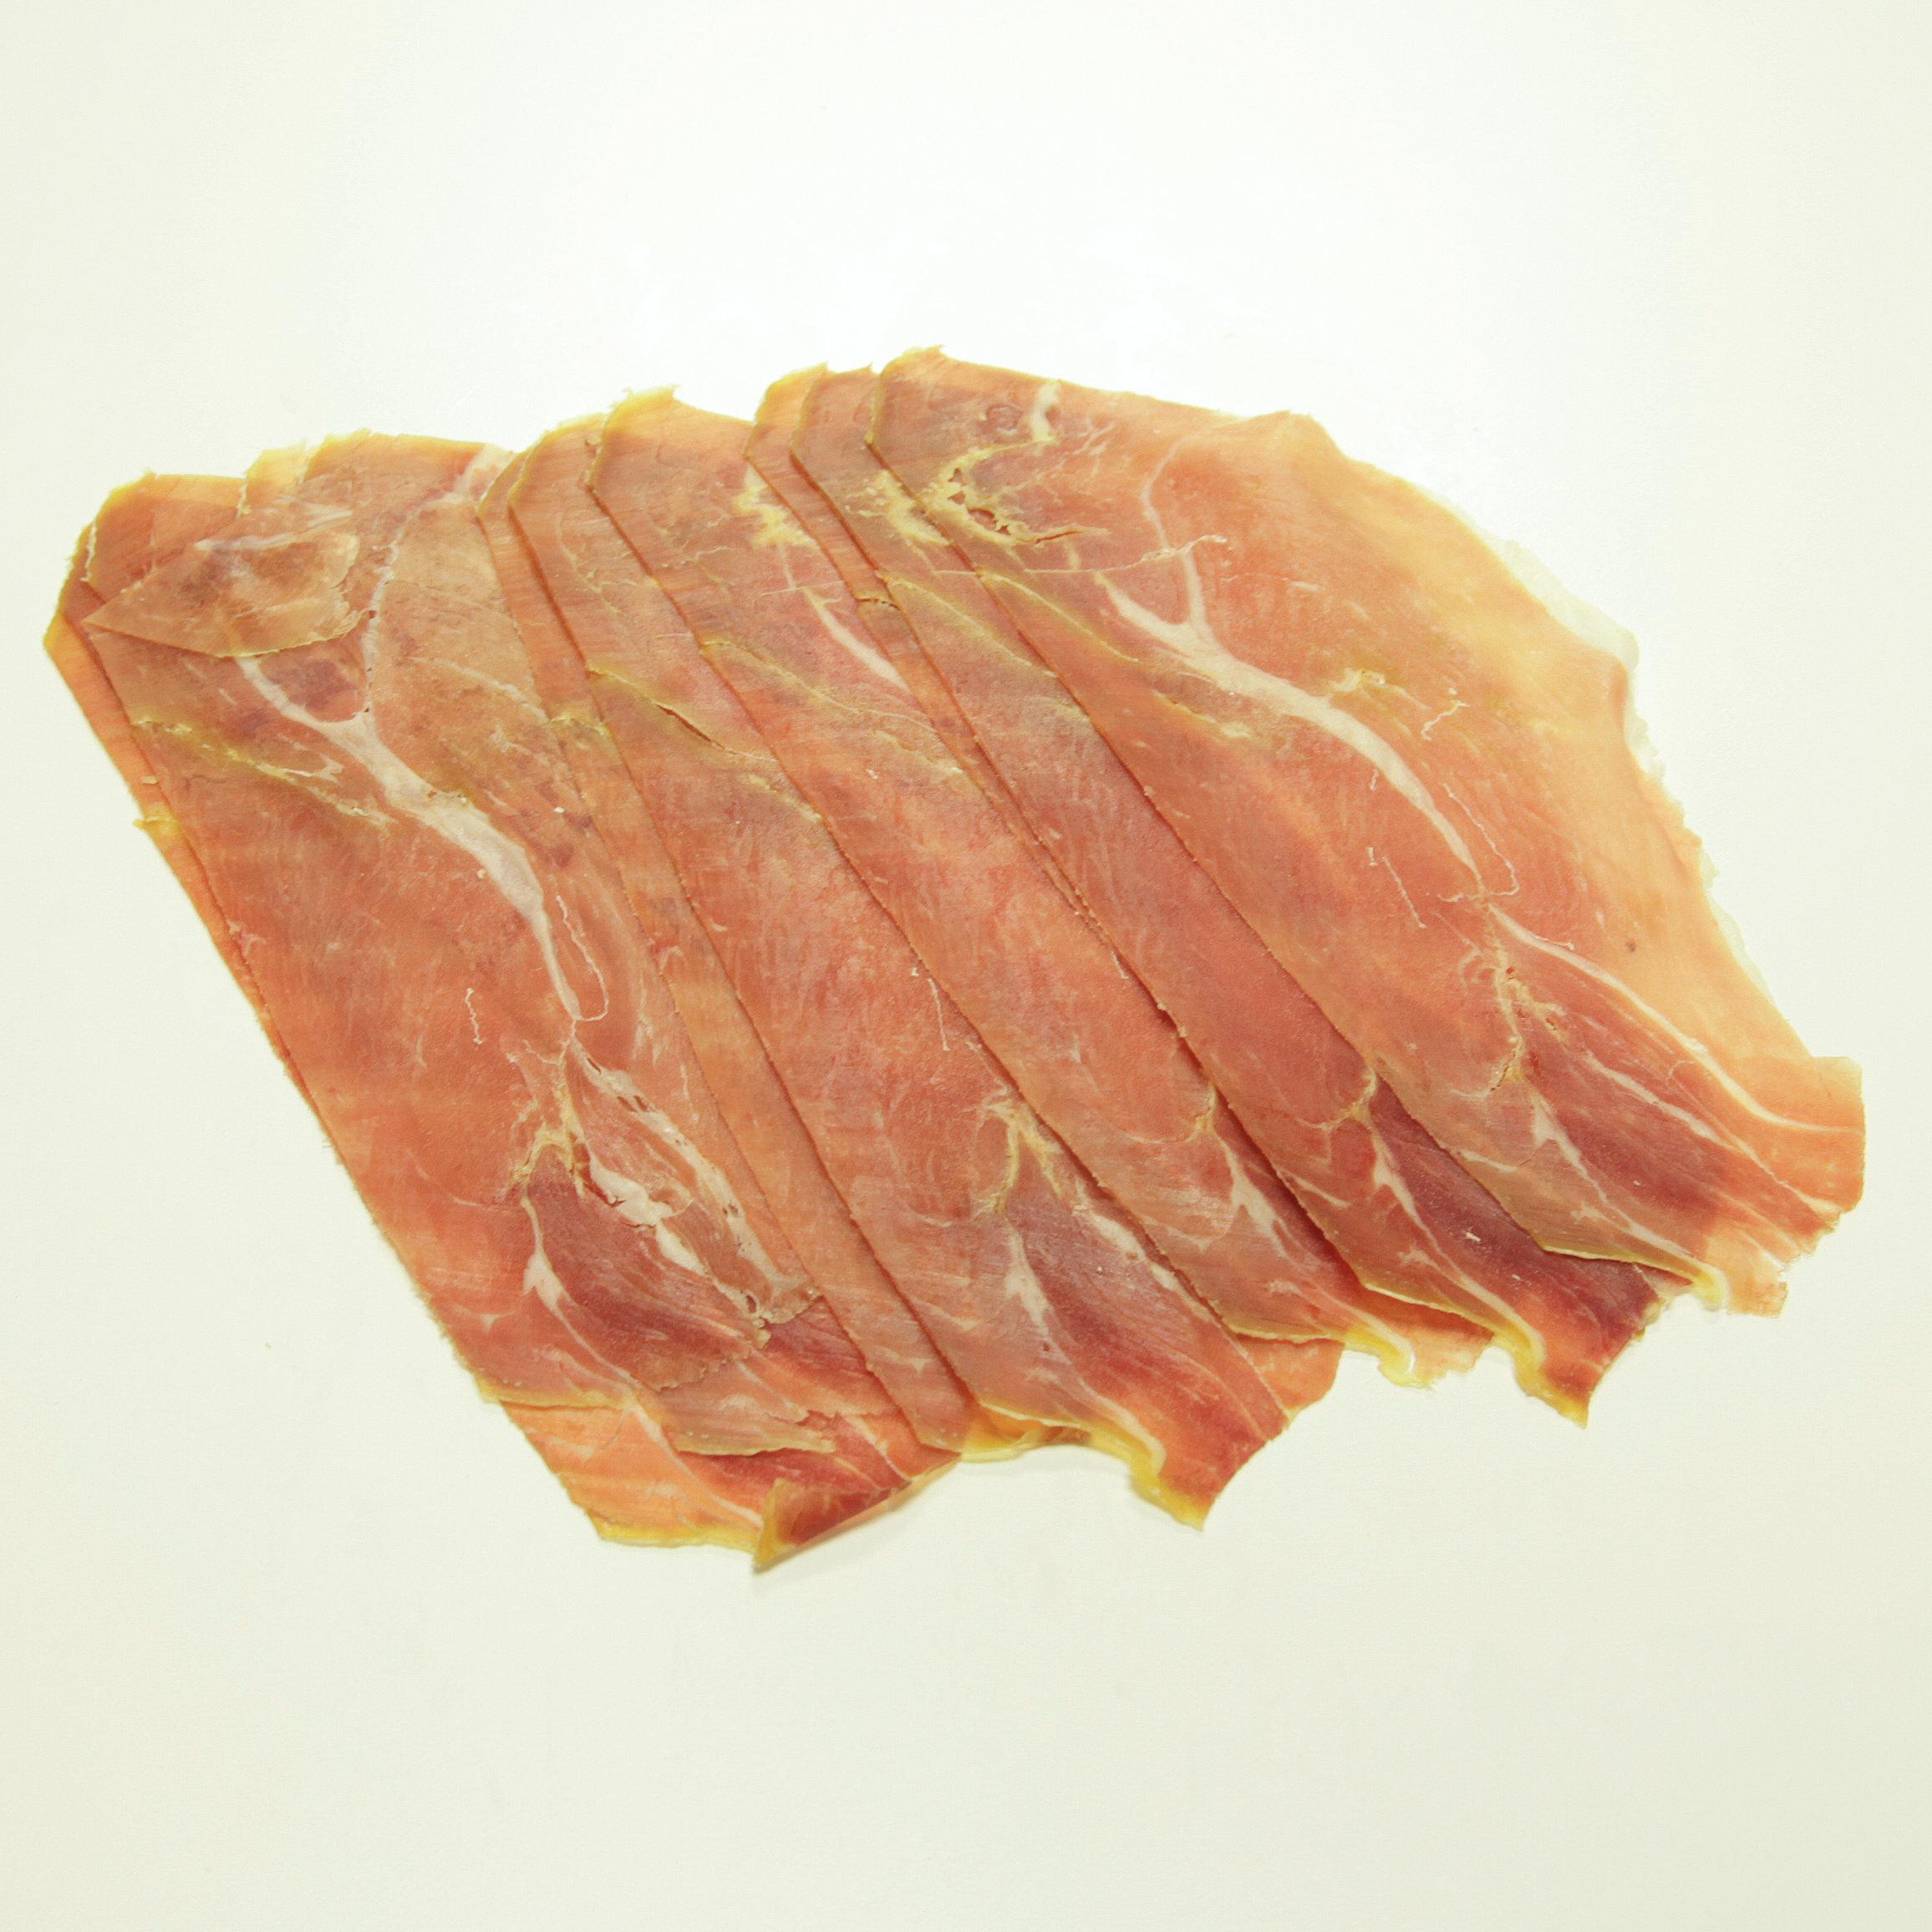 Galloni, Prosciutto Parma (Italy), 4 oz. 00137